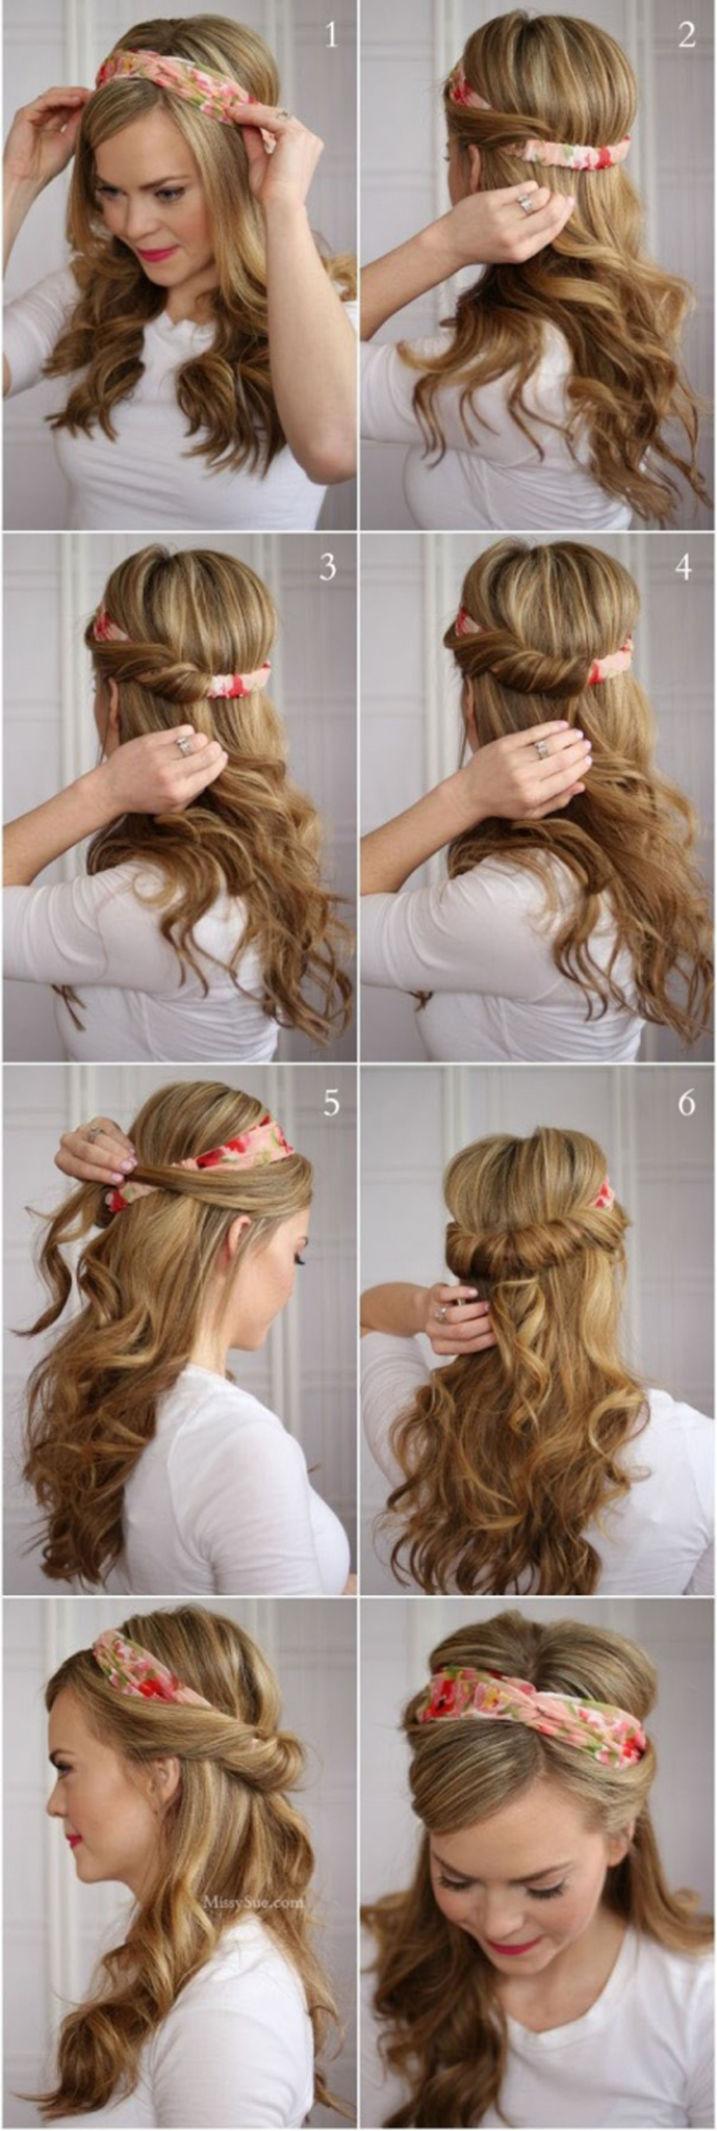 peinados cintillo